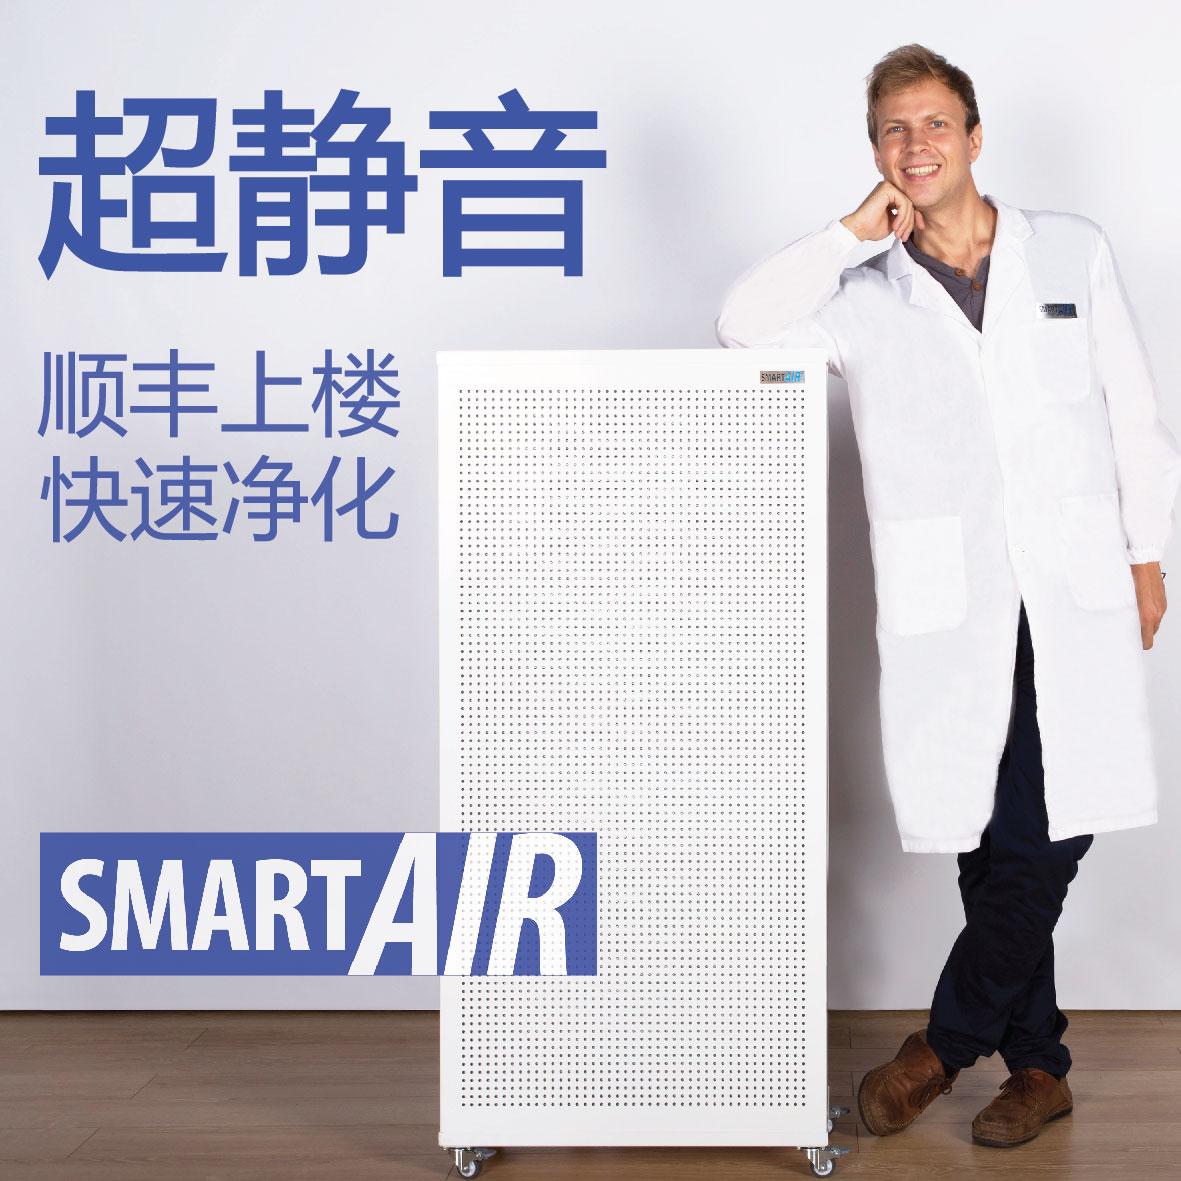 [Smart Air 聪明空气空气净化,氧吧]大胖FFU空气净化器 除雾霾去甲醛美月销量22件仅售1980元